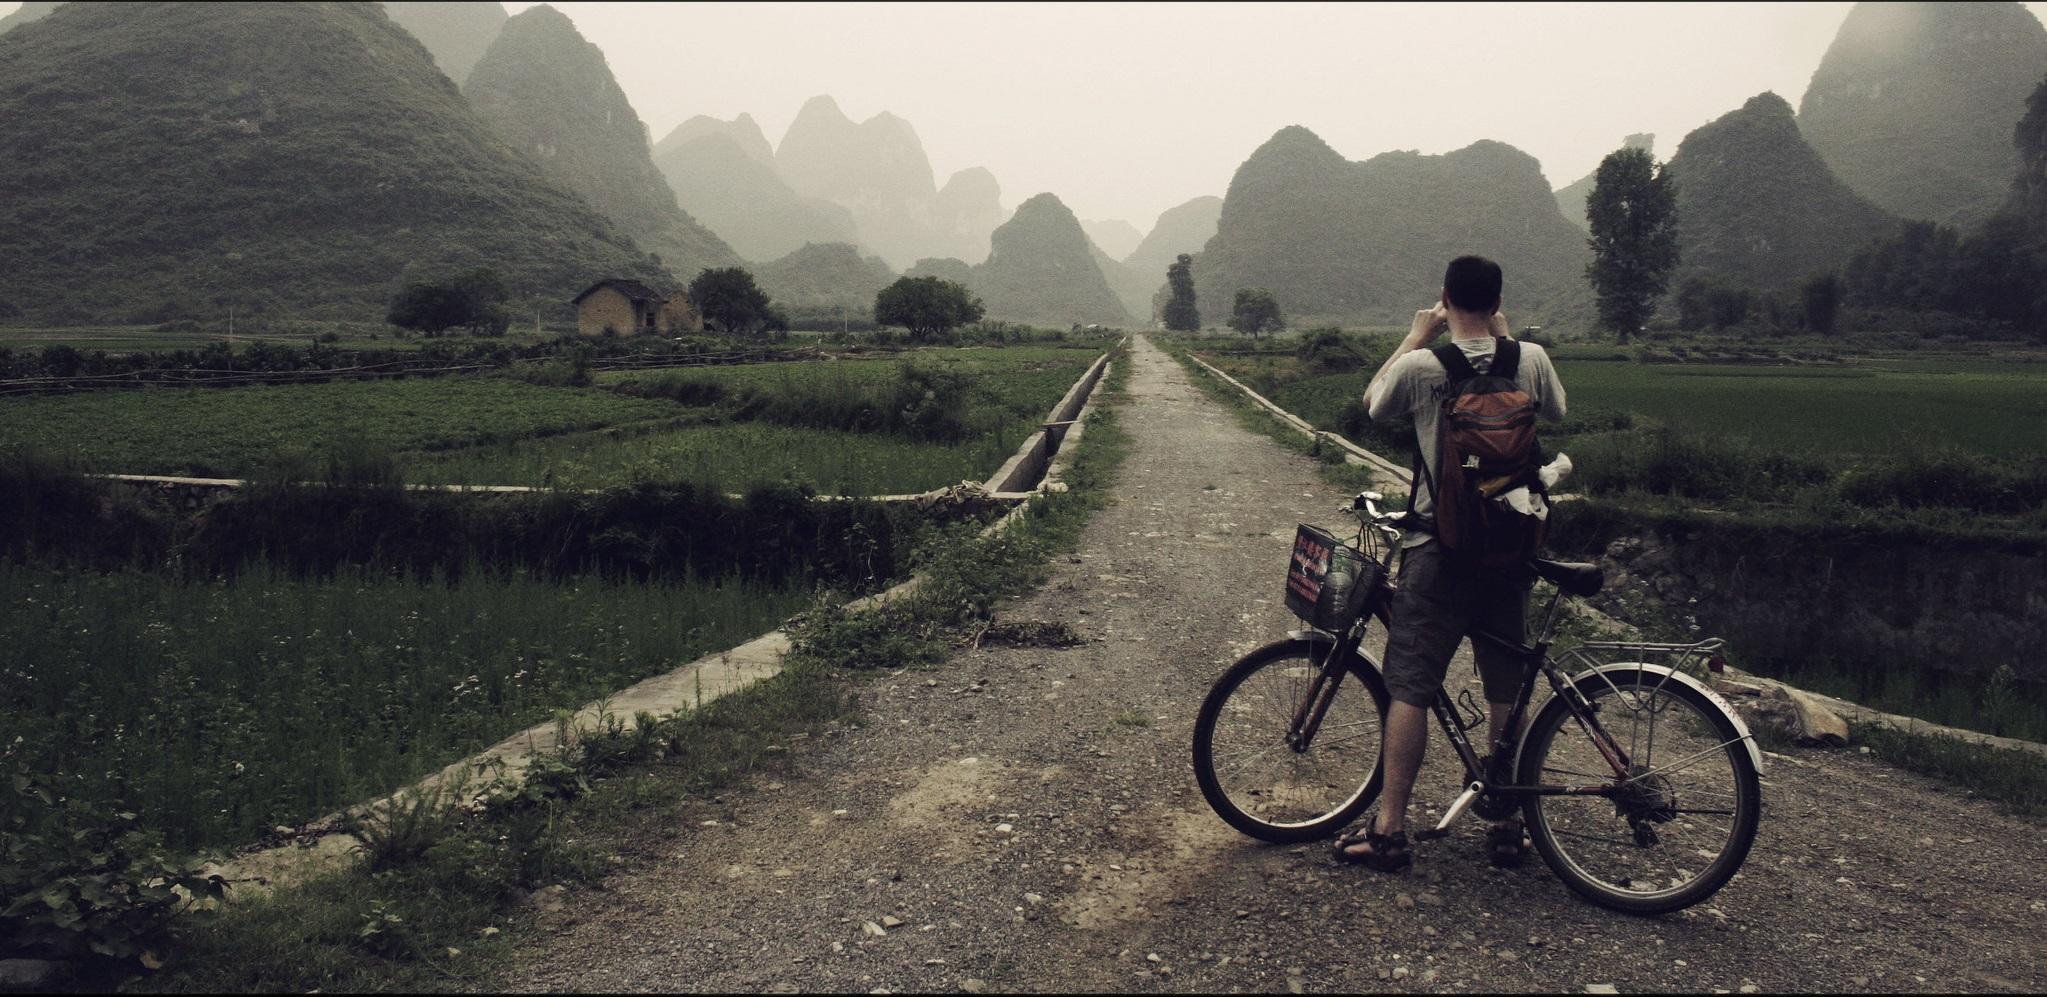 10 Great Reasons To Visit Rural China